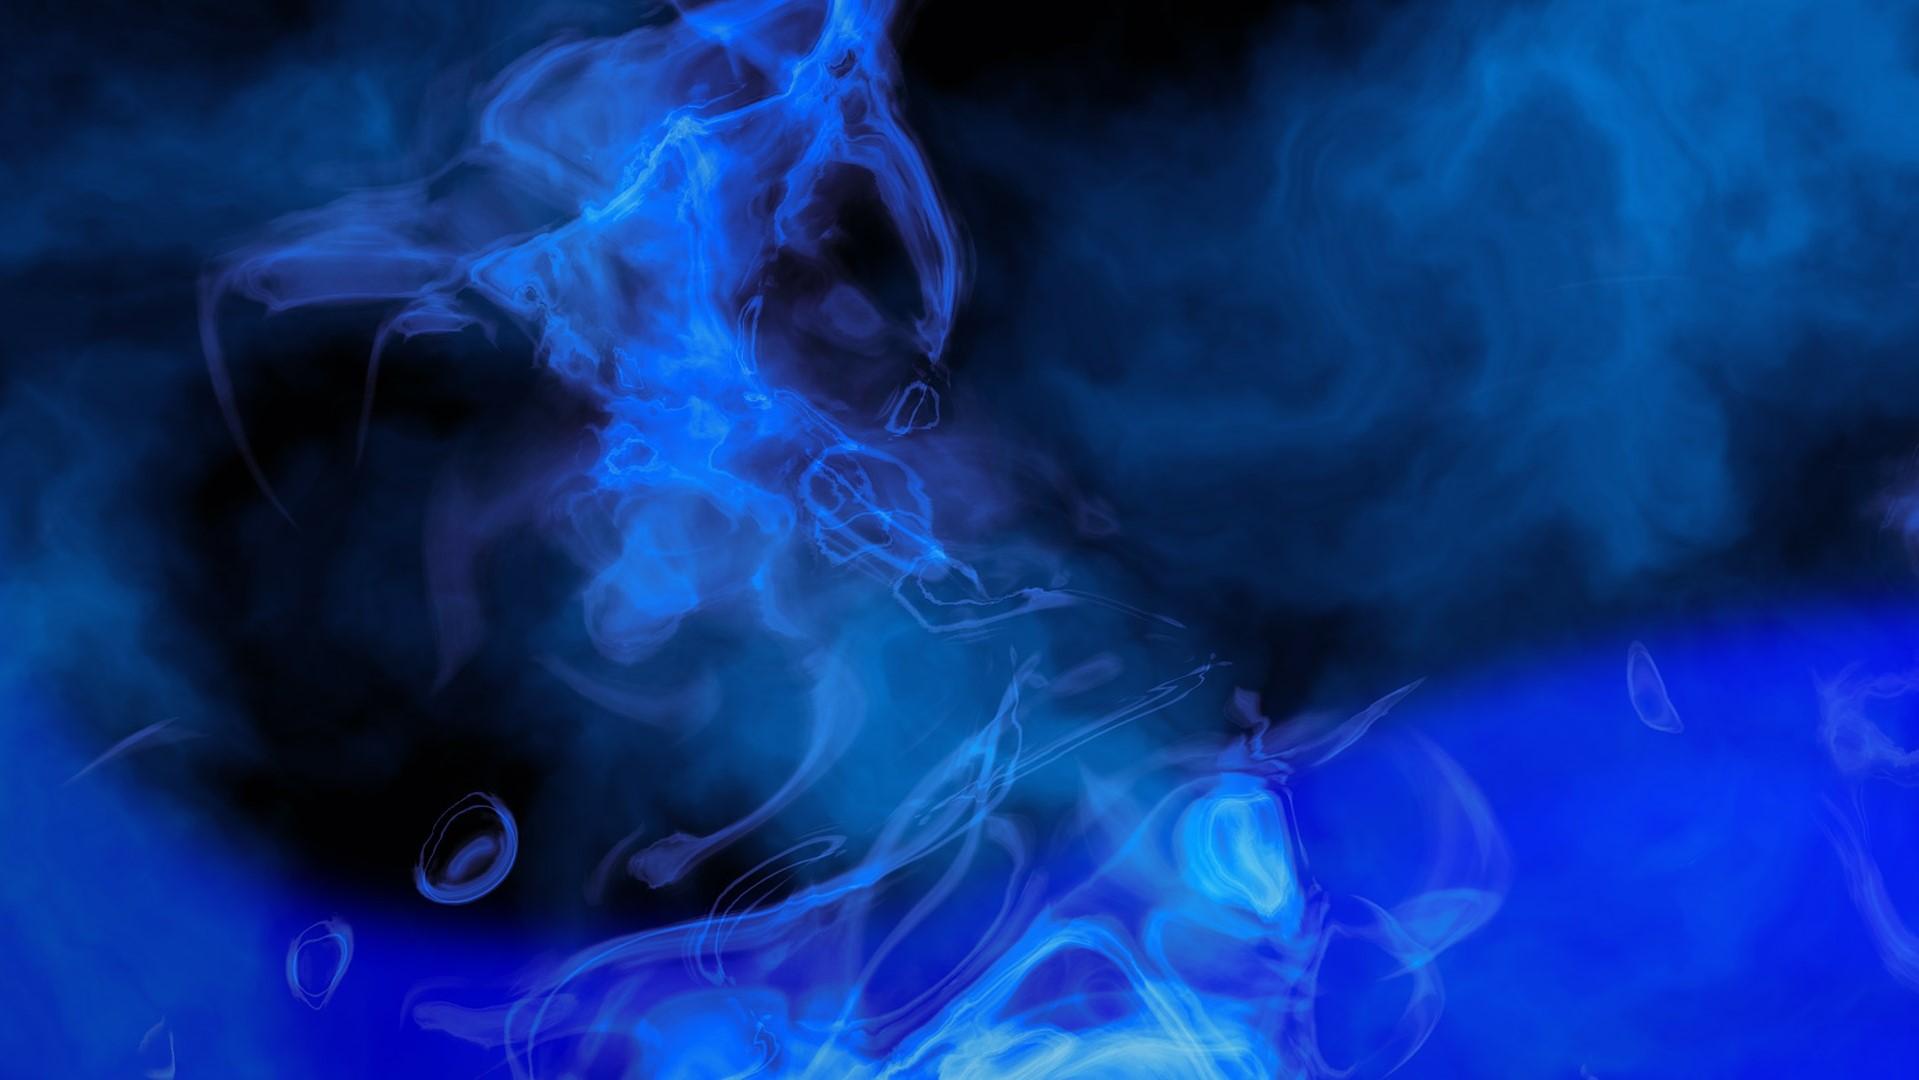 smoke-_1920